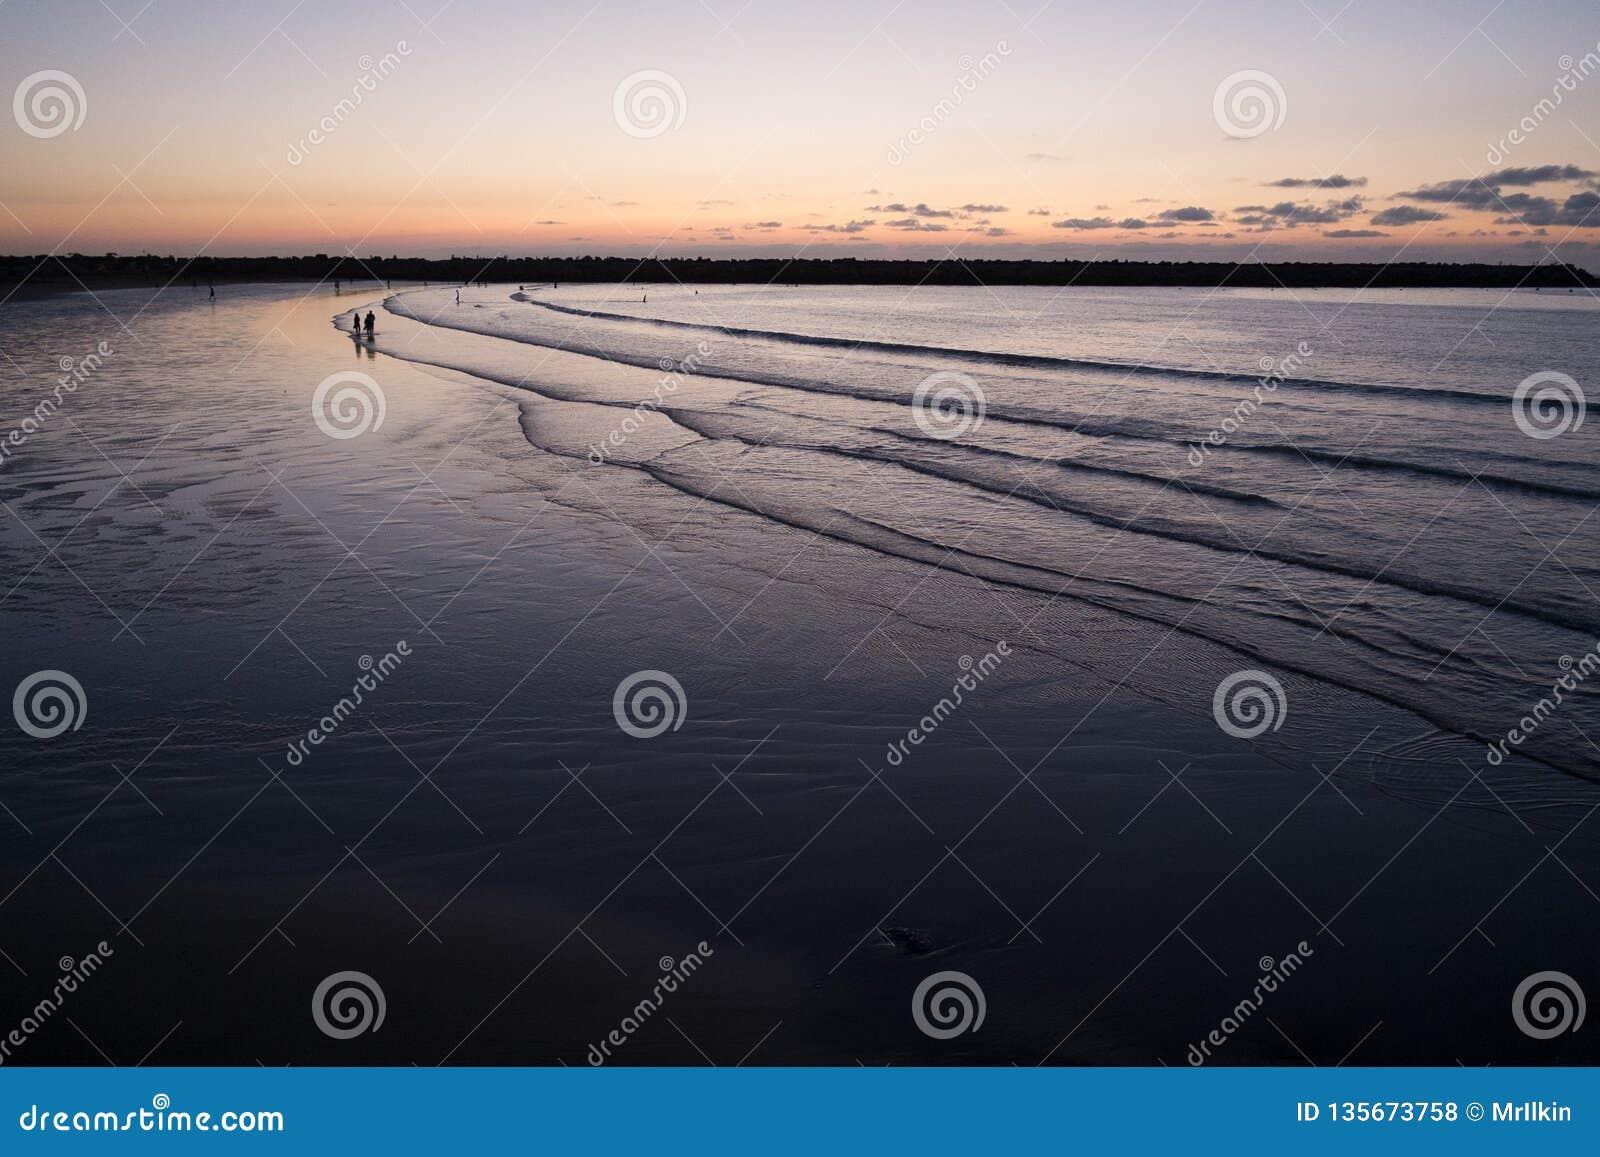 Σκιαγραφίες των ανθρώπων στην παραλία βραδιού